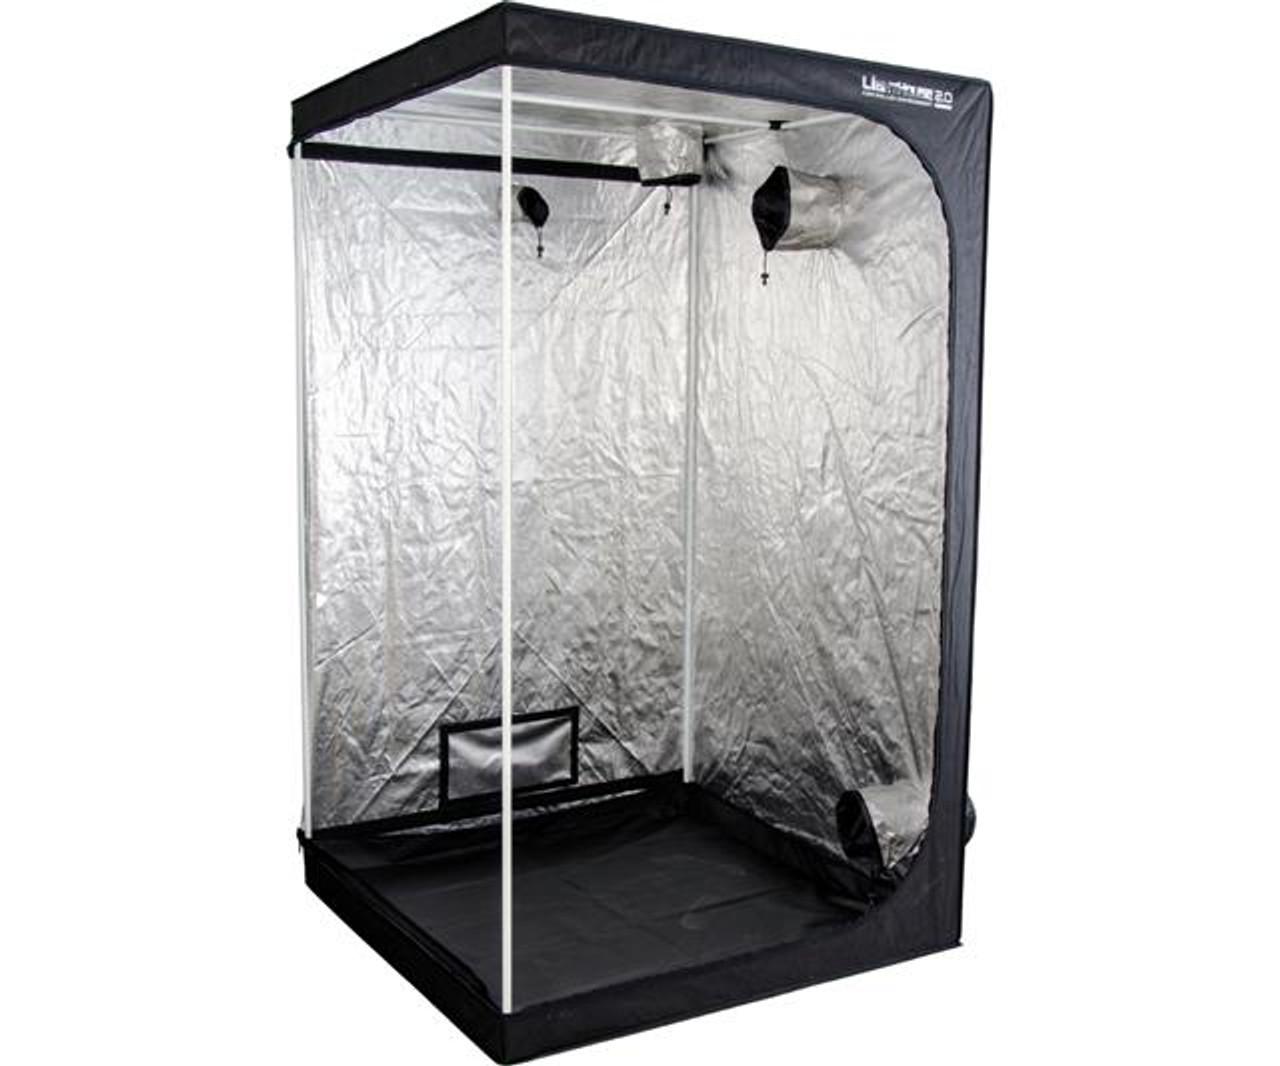 4'x4'x6.5' Grow Tent